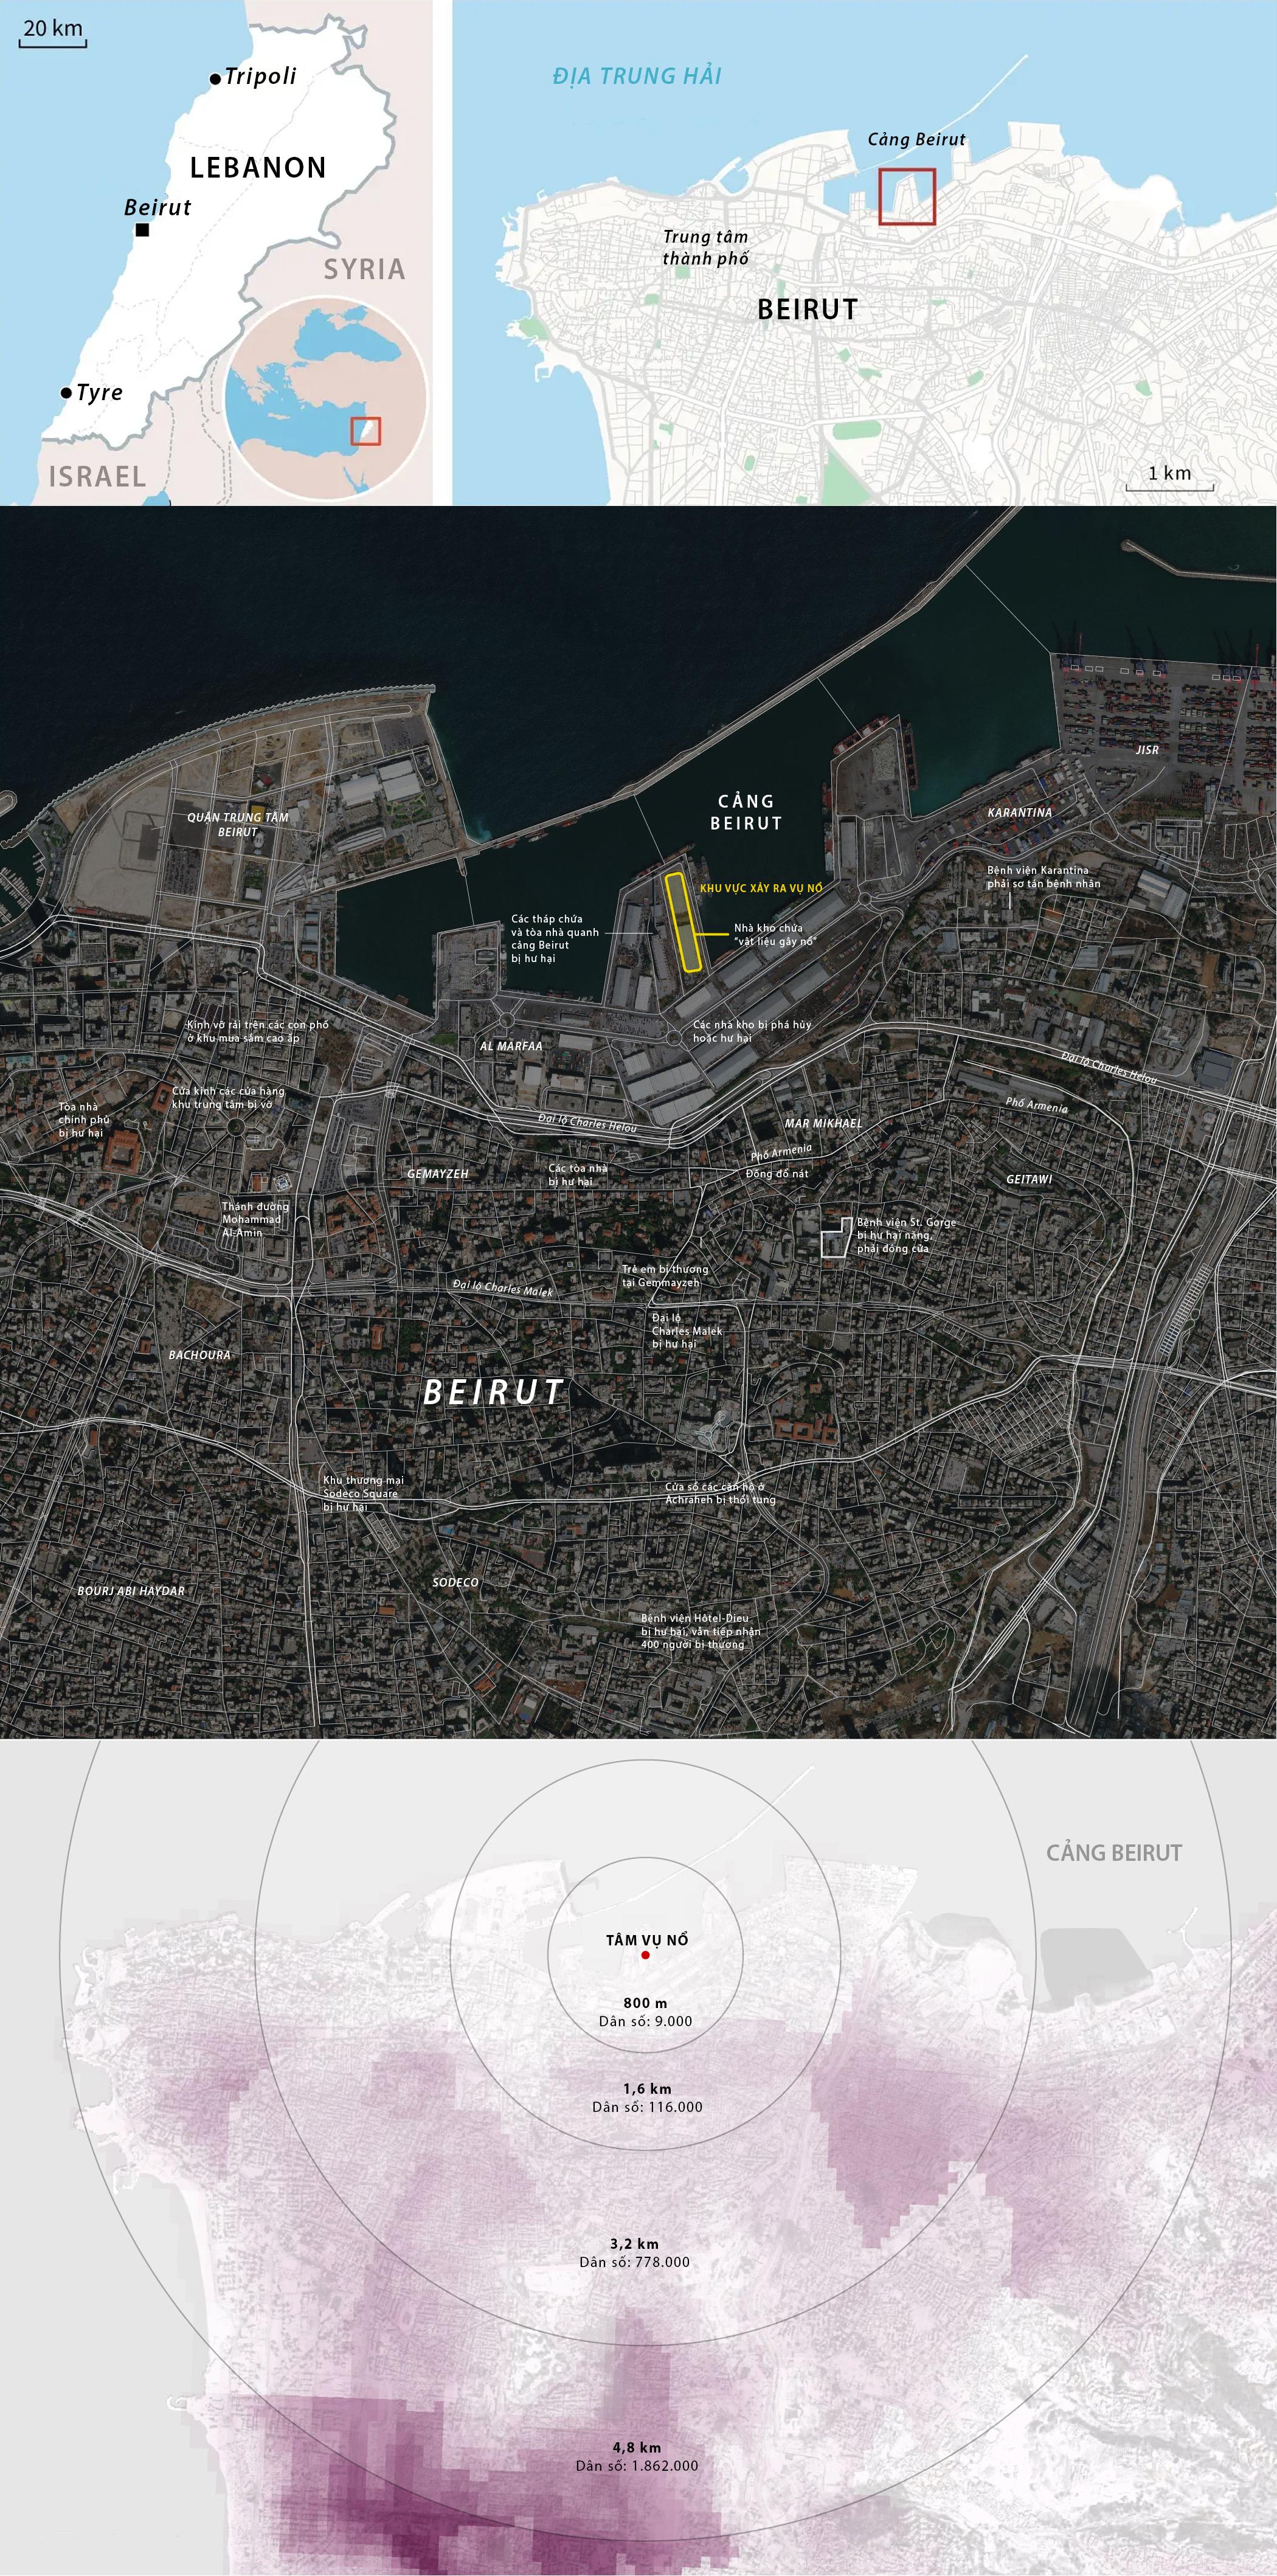 Bán kính công phá trong vụ nổ tại Lebanon